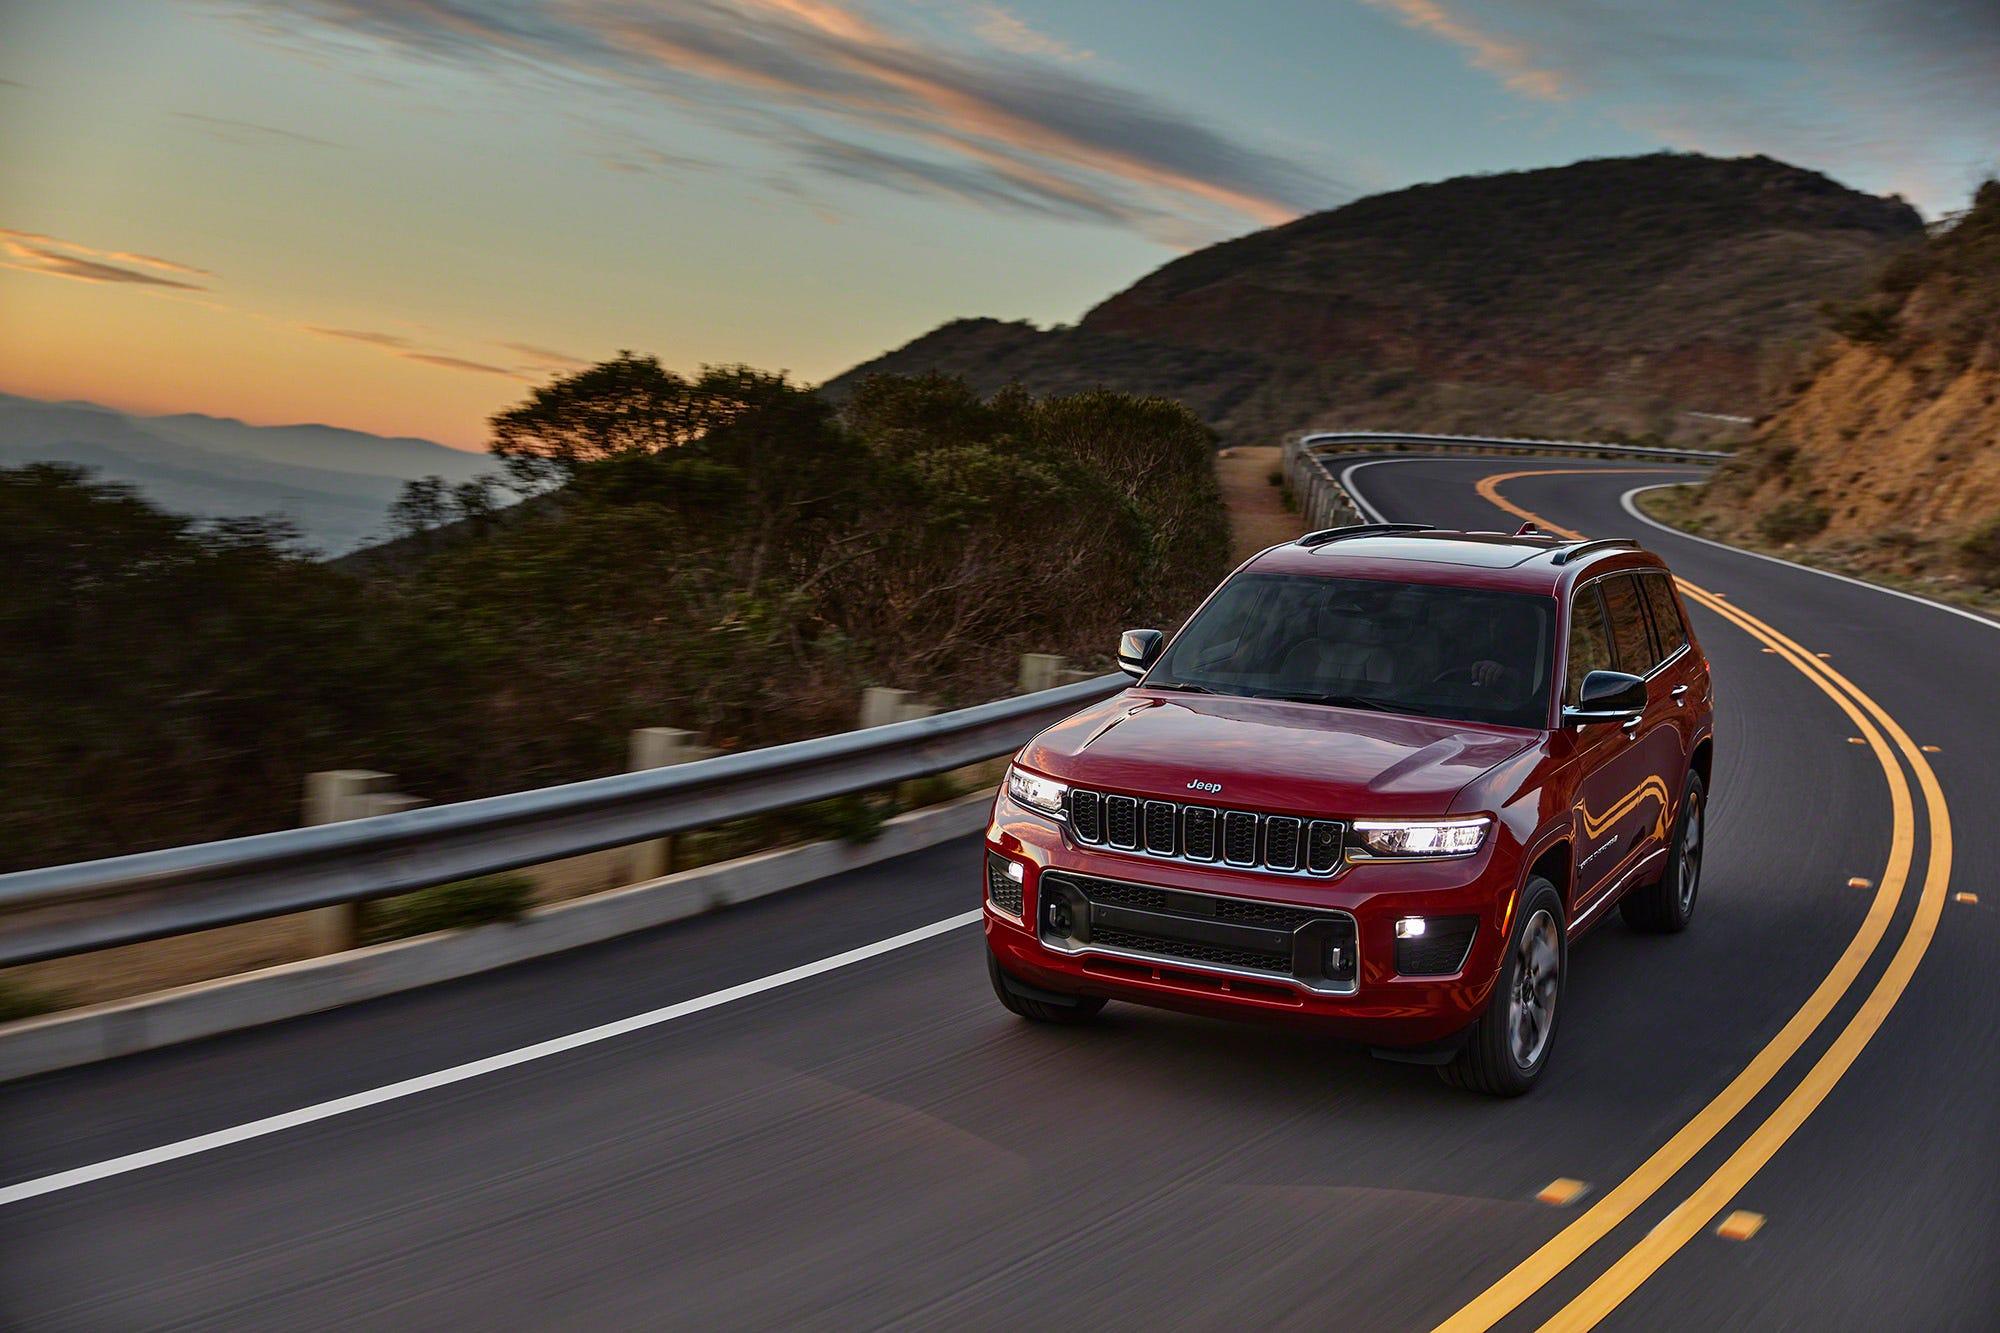 Jeep Cherokee, Grand Cherokee face scrutiny: Cherokee Nation chief says SUVs do 'not honor us'